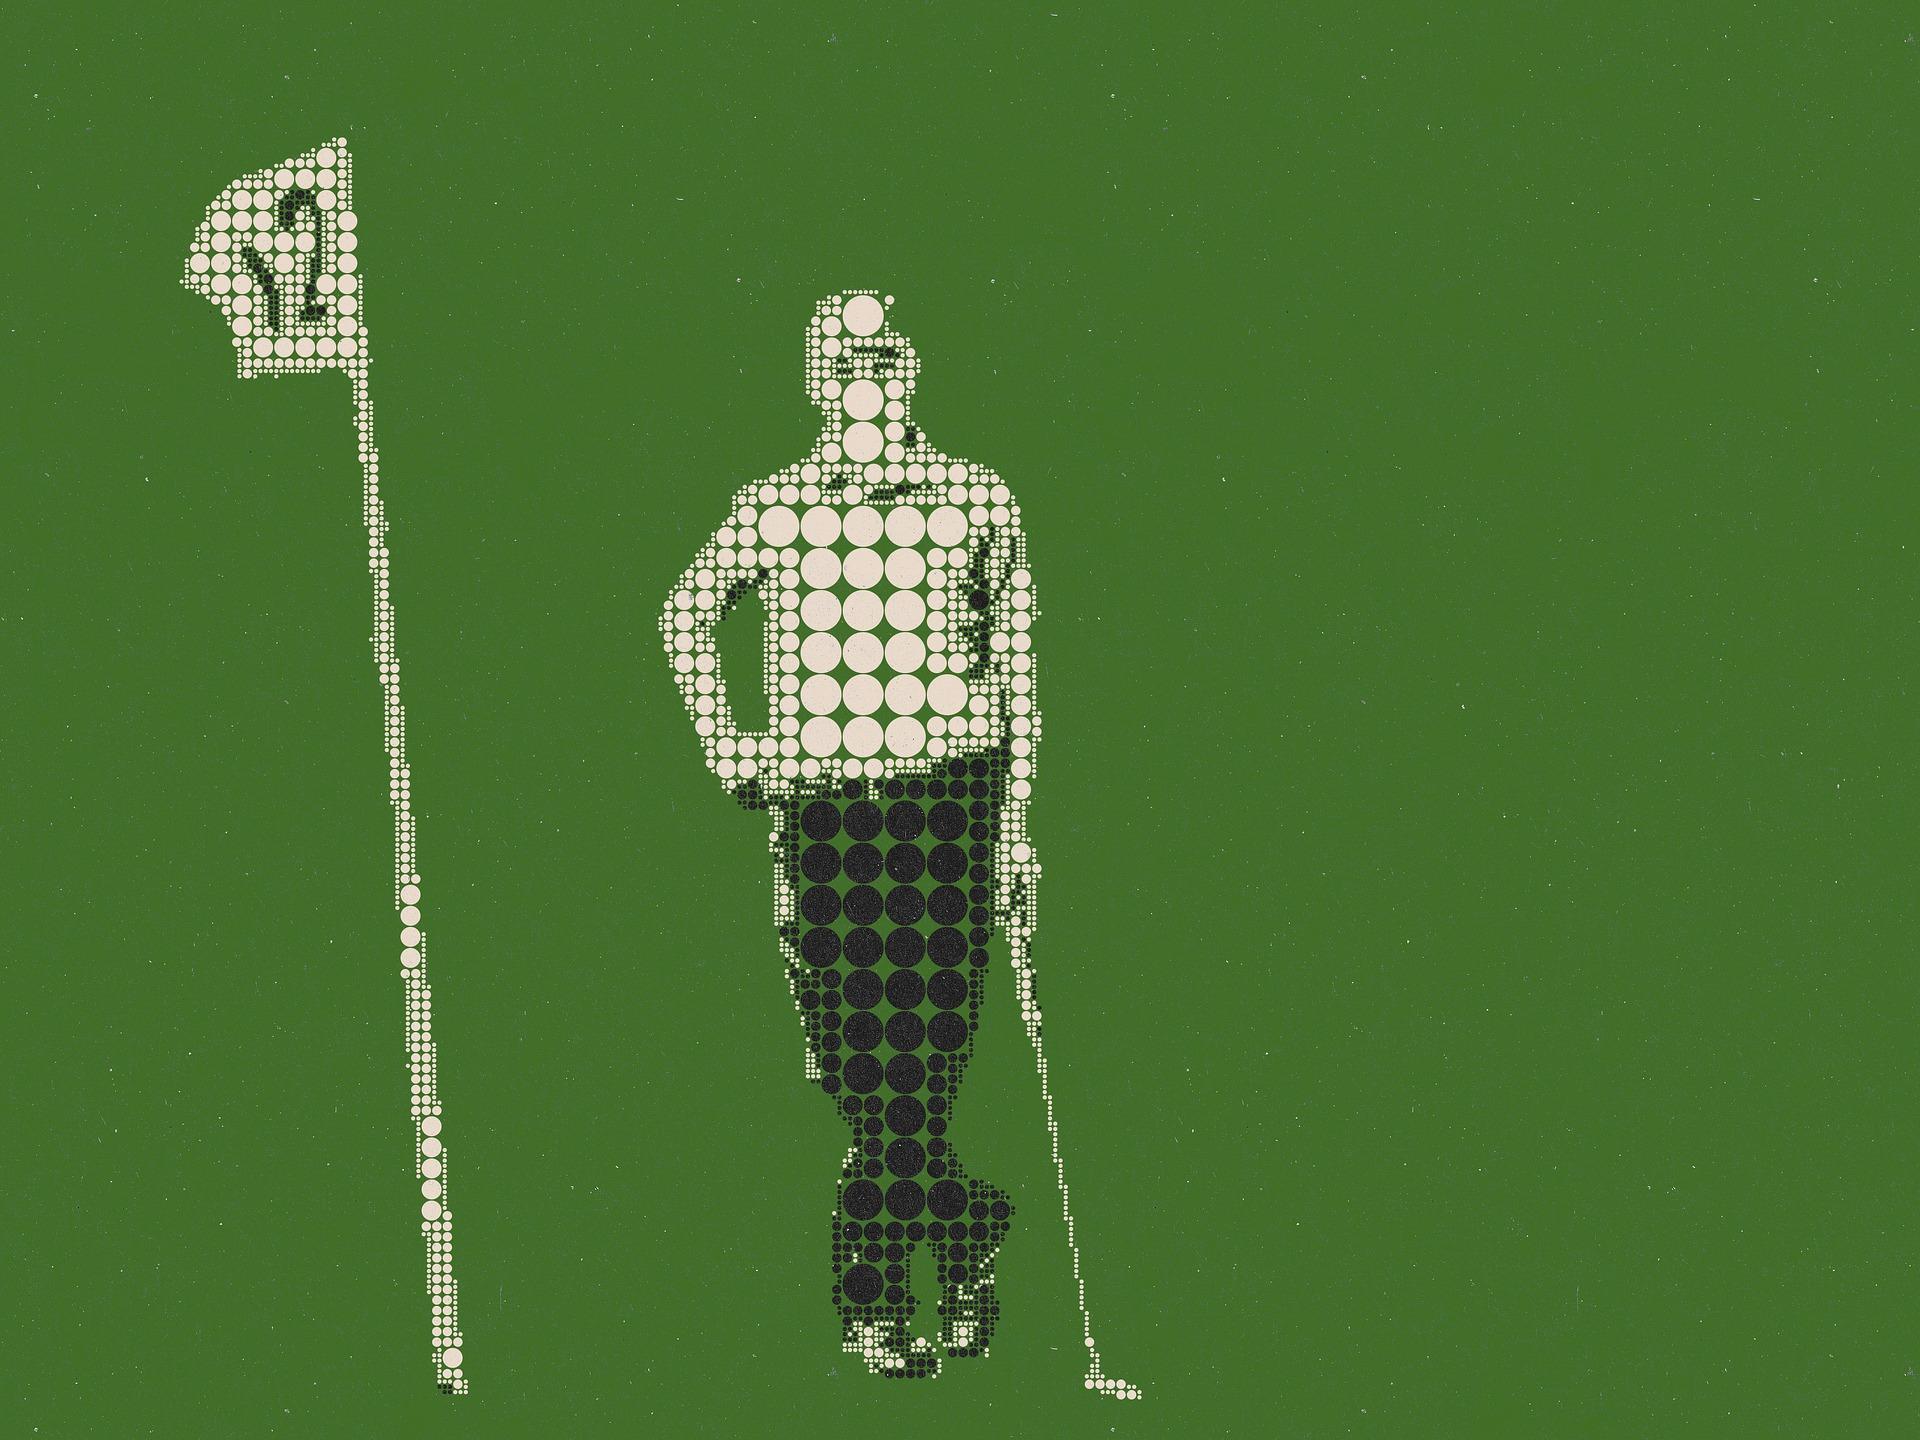 全米プロゴルフ選手権2020賞金配分一覧 優勝賞金2億円は誰の手に?